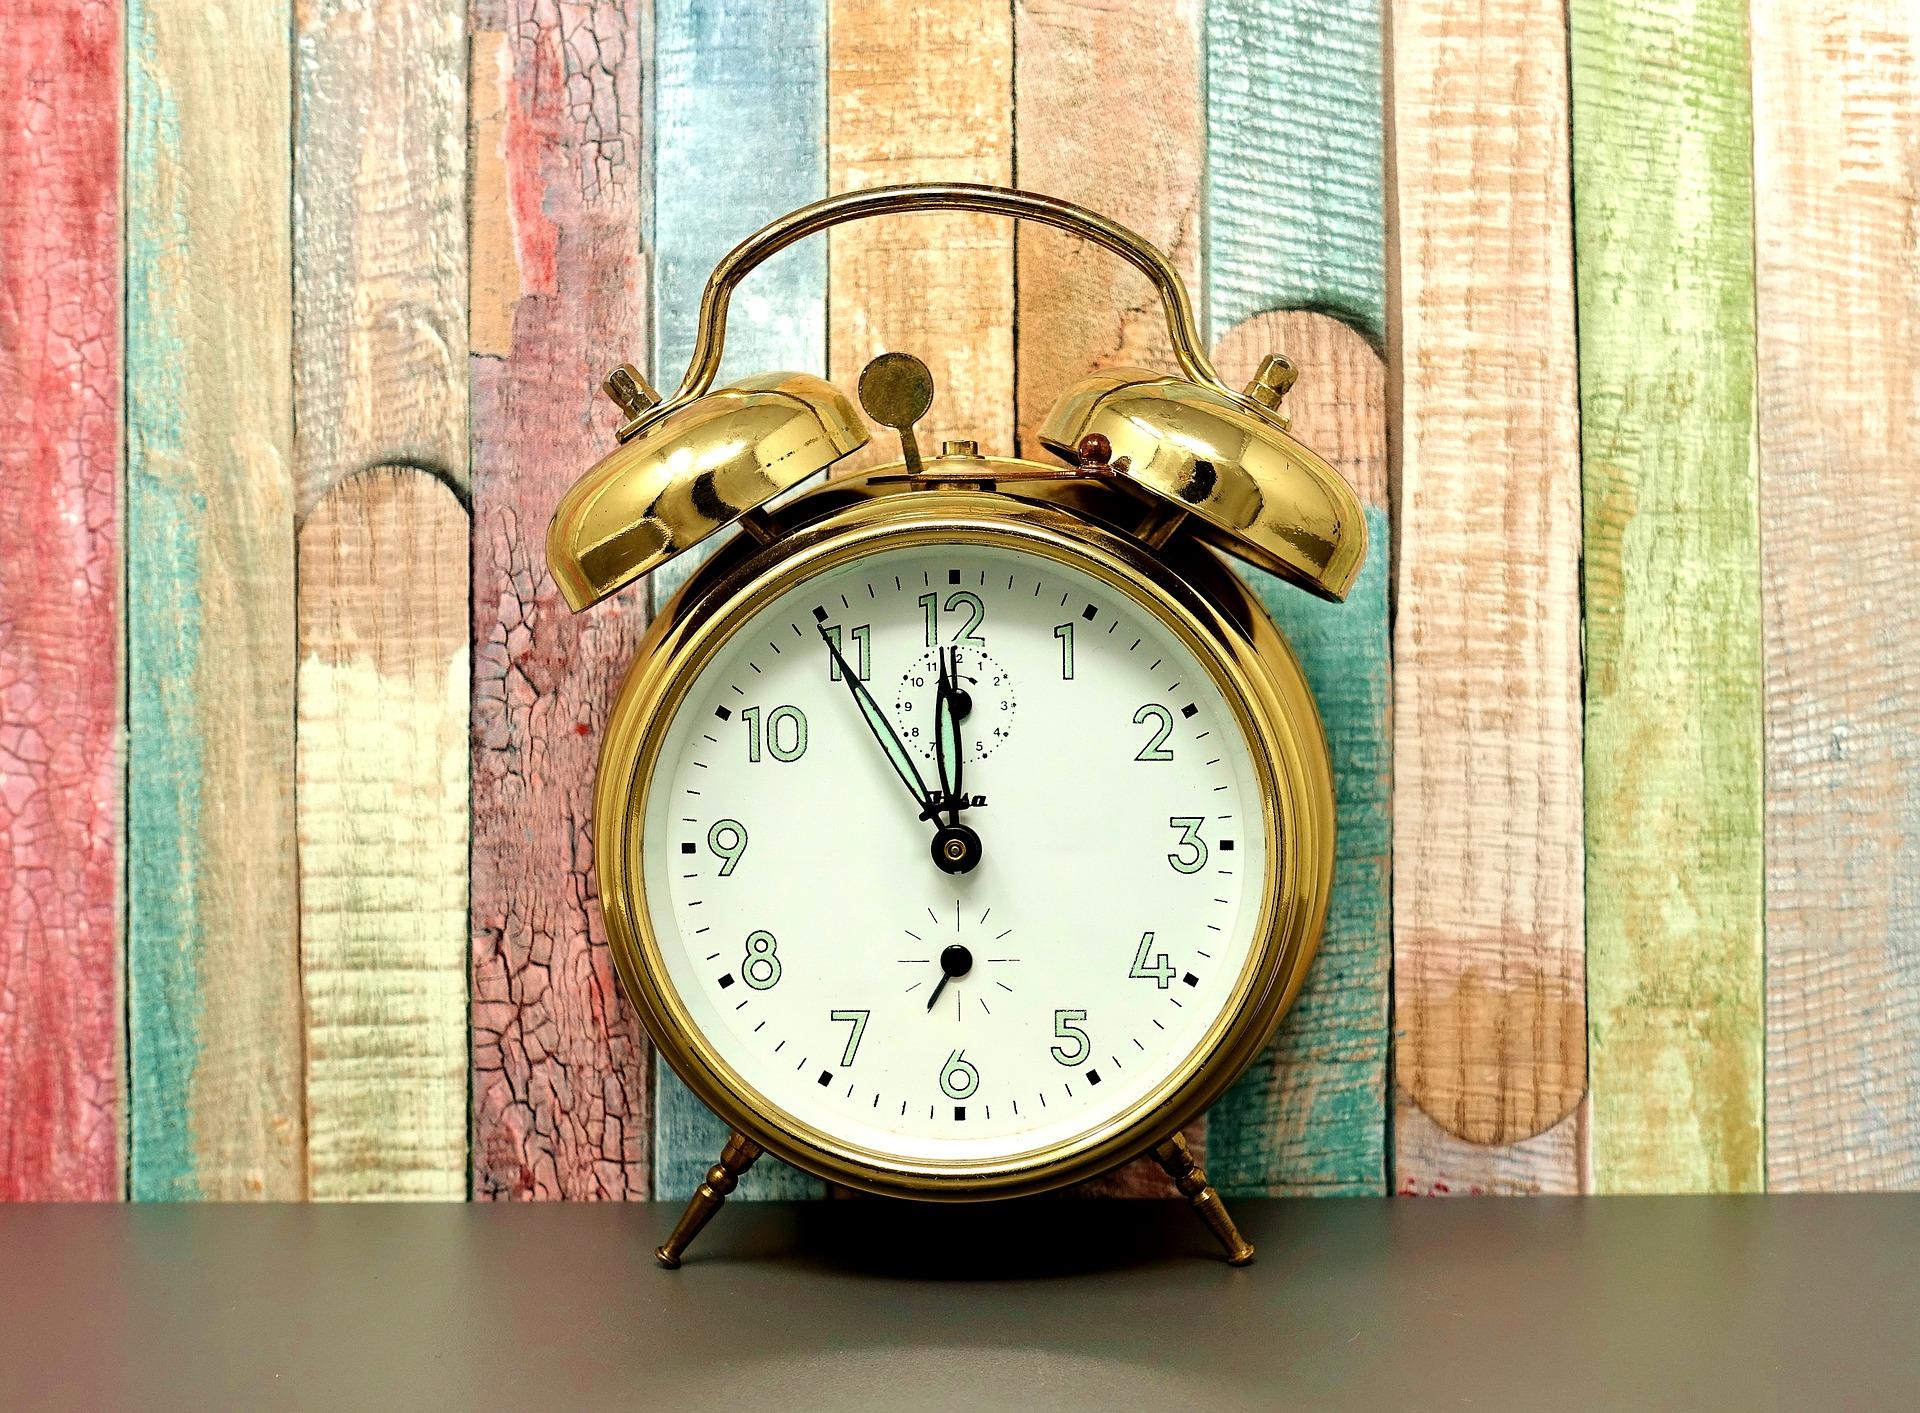 時間という財産を認識しよう 時は金なりは嘘。